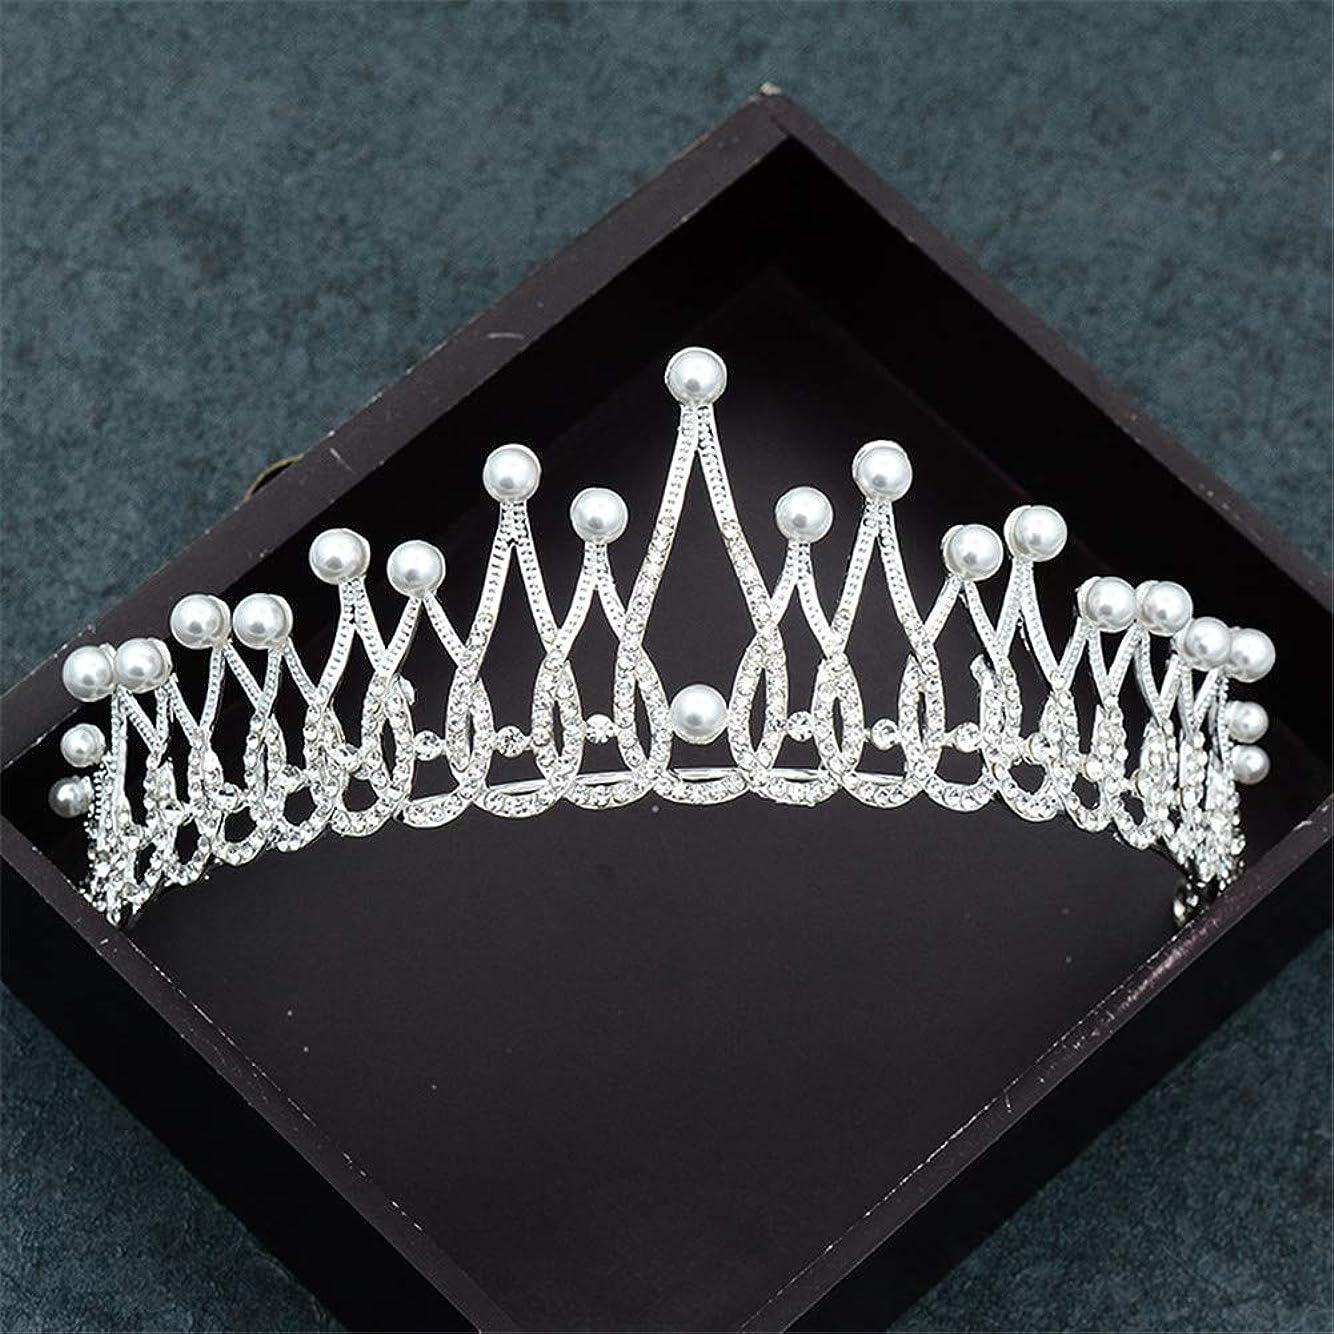 金属発明する鬼ごっこ女性プリンセスクラウンヘッドバンドクリスタルラインストーンティアラクラウンヘアバンドジュエリーシルバーブライダルヘアアクセサリー結婚式の装飾